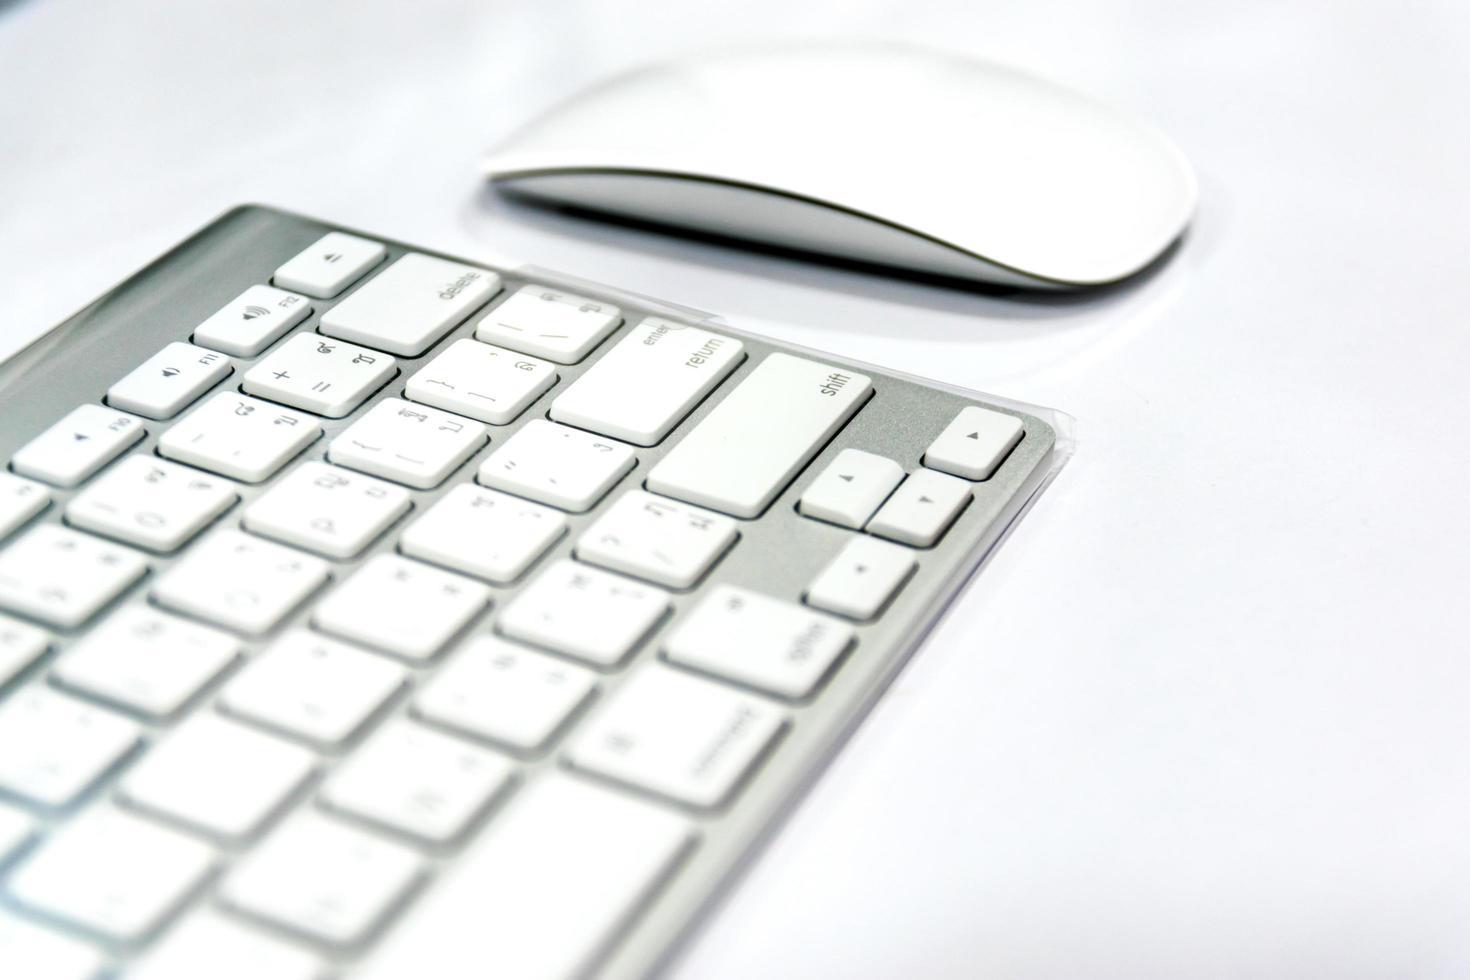 drahtlose Maus und Tastatur foto